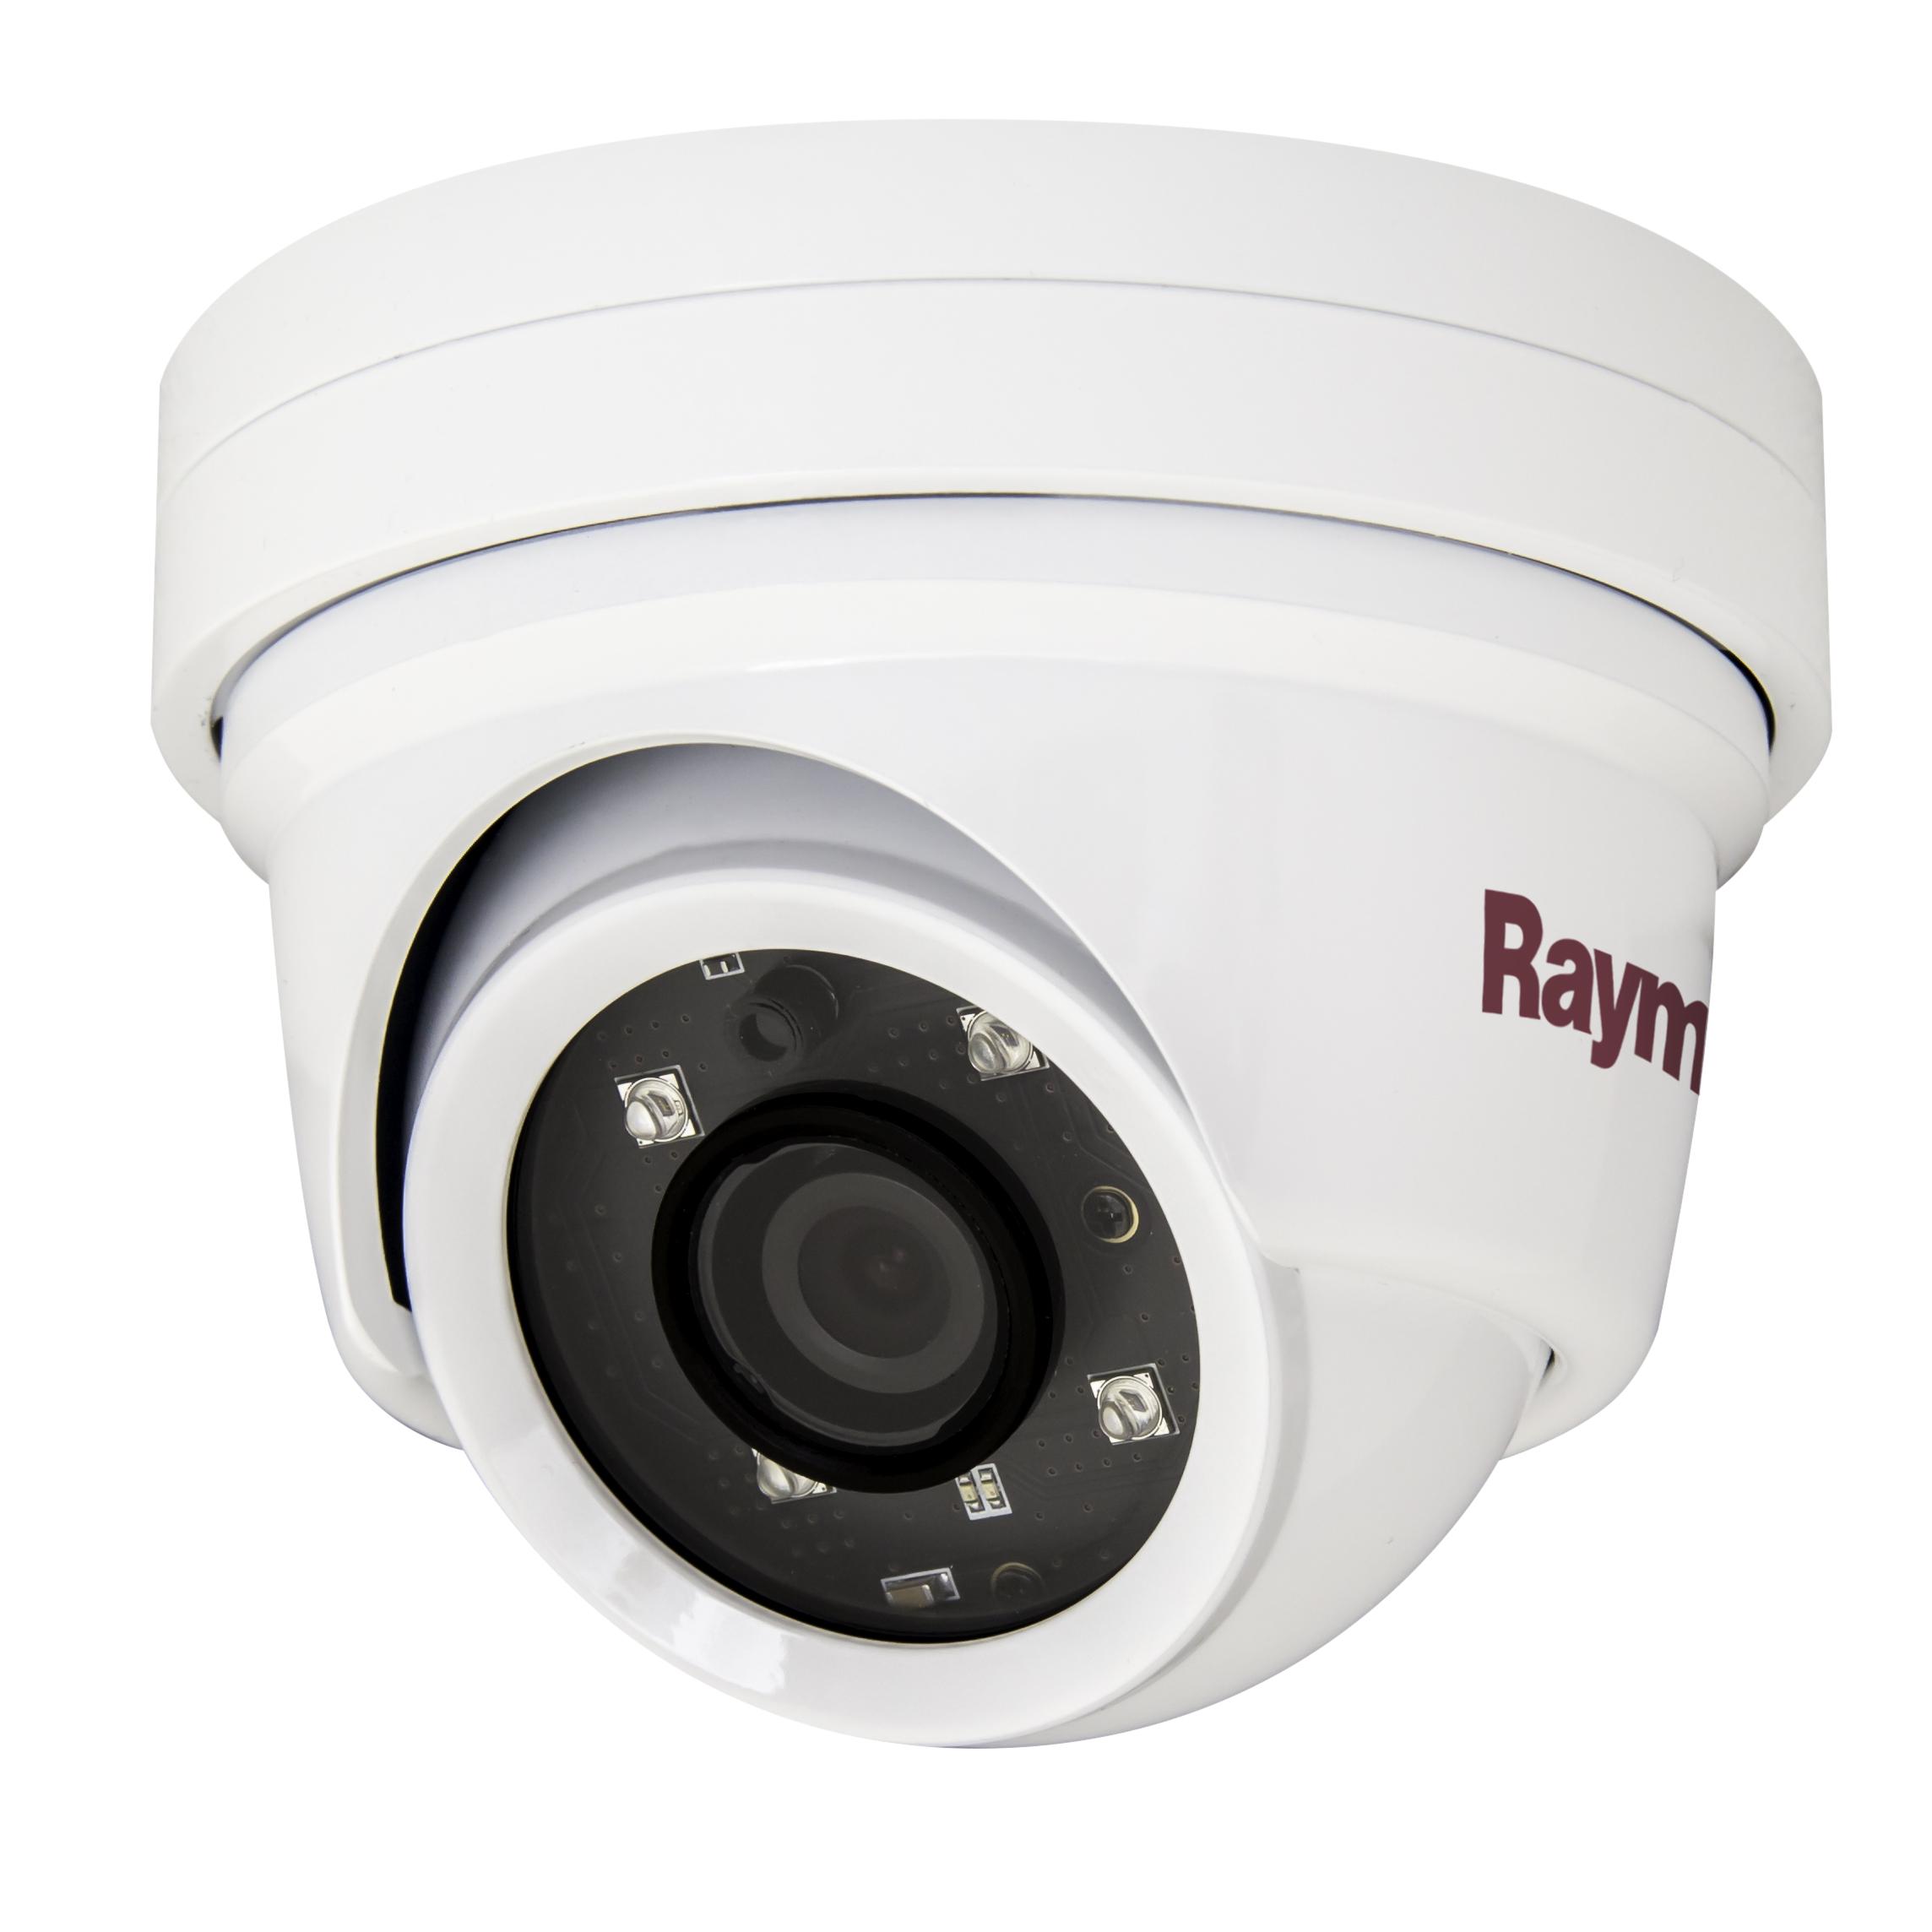 raymarine cam220 ip dome night day marine camera